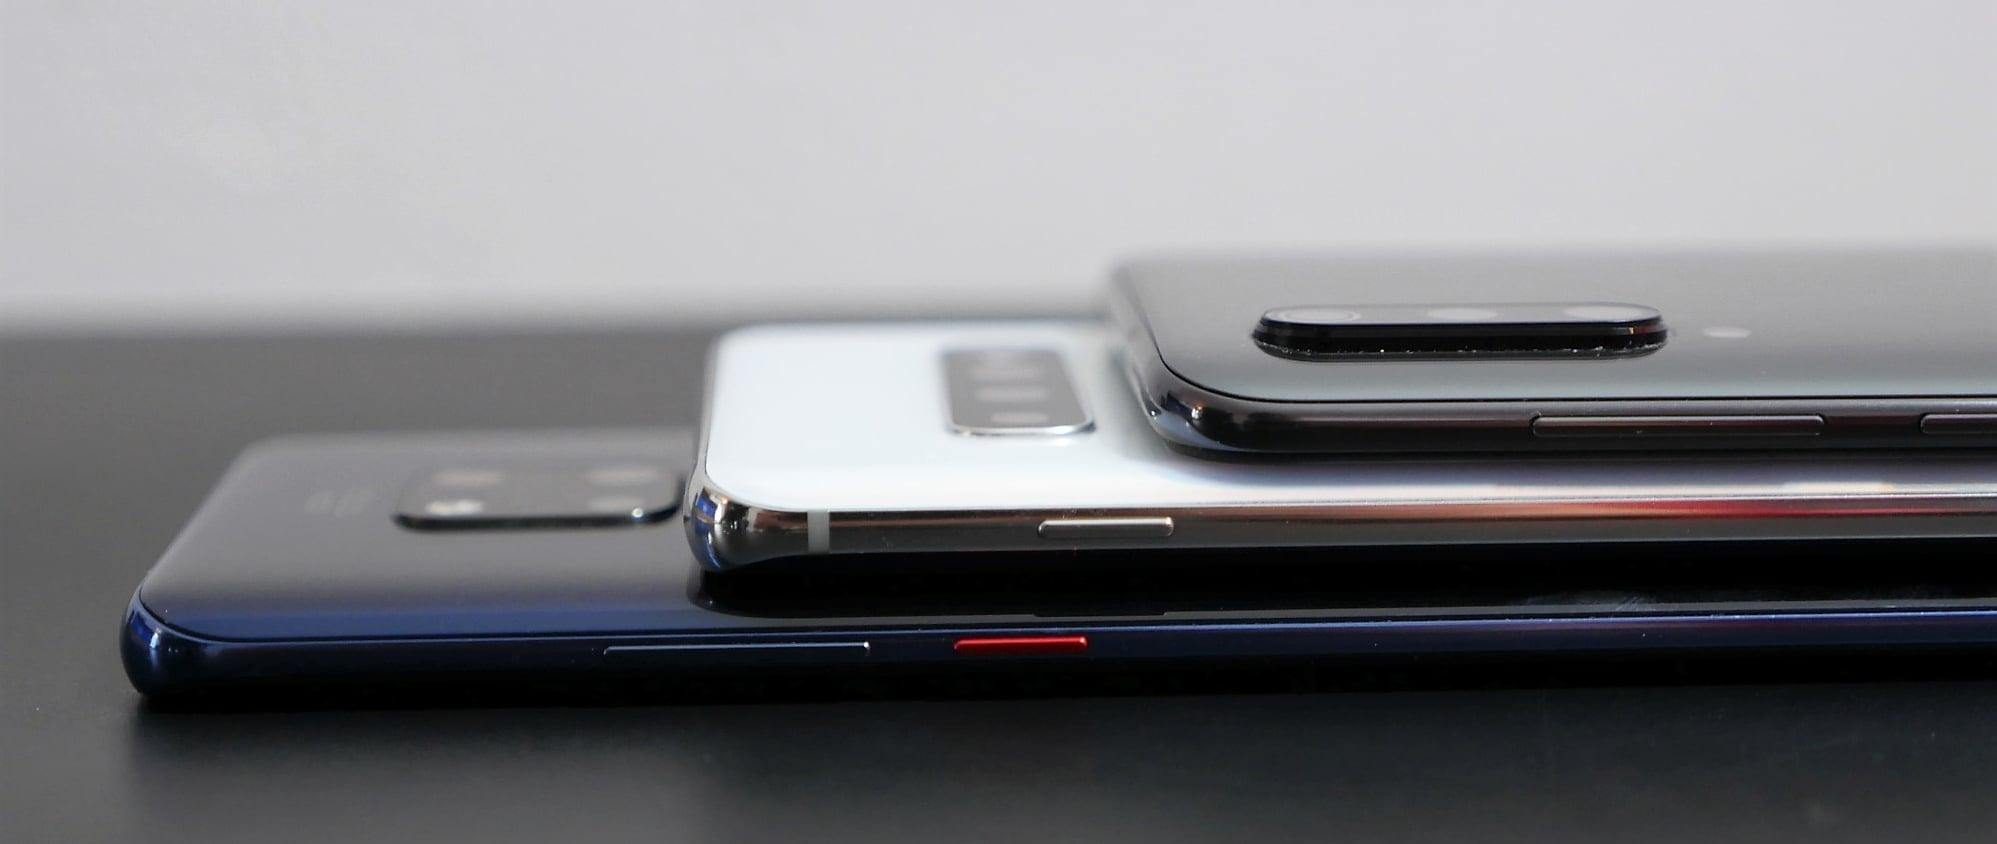 Nasze ślepe porównanie wygrał... Samsung Galaxy S10+